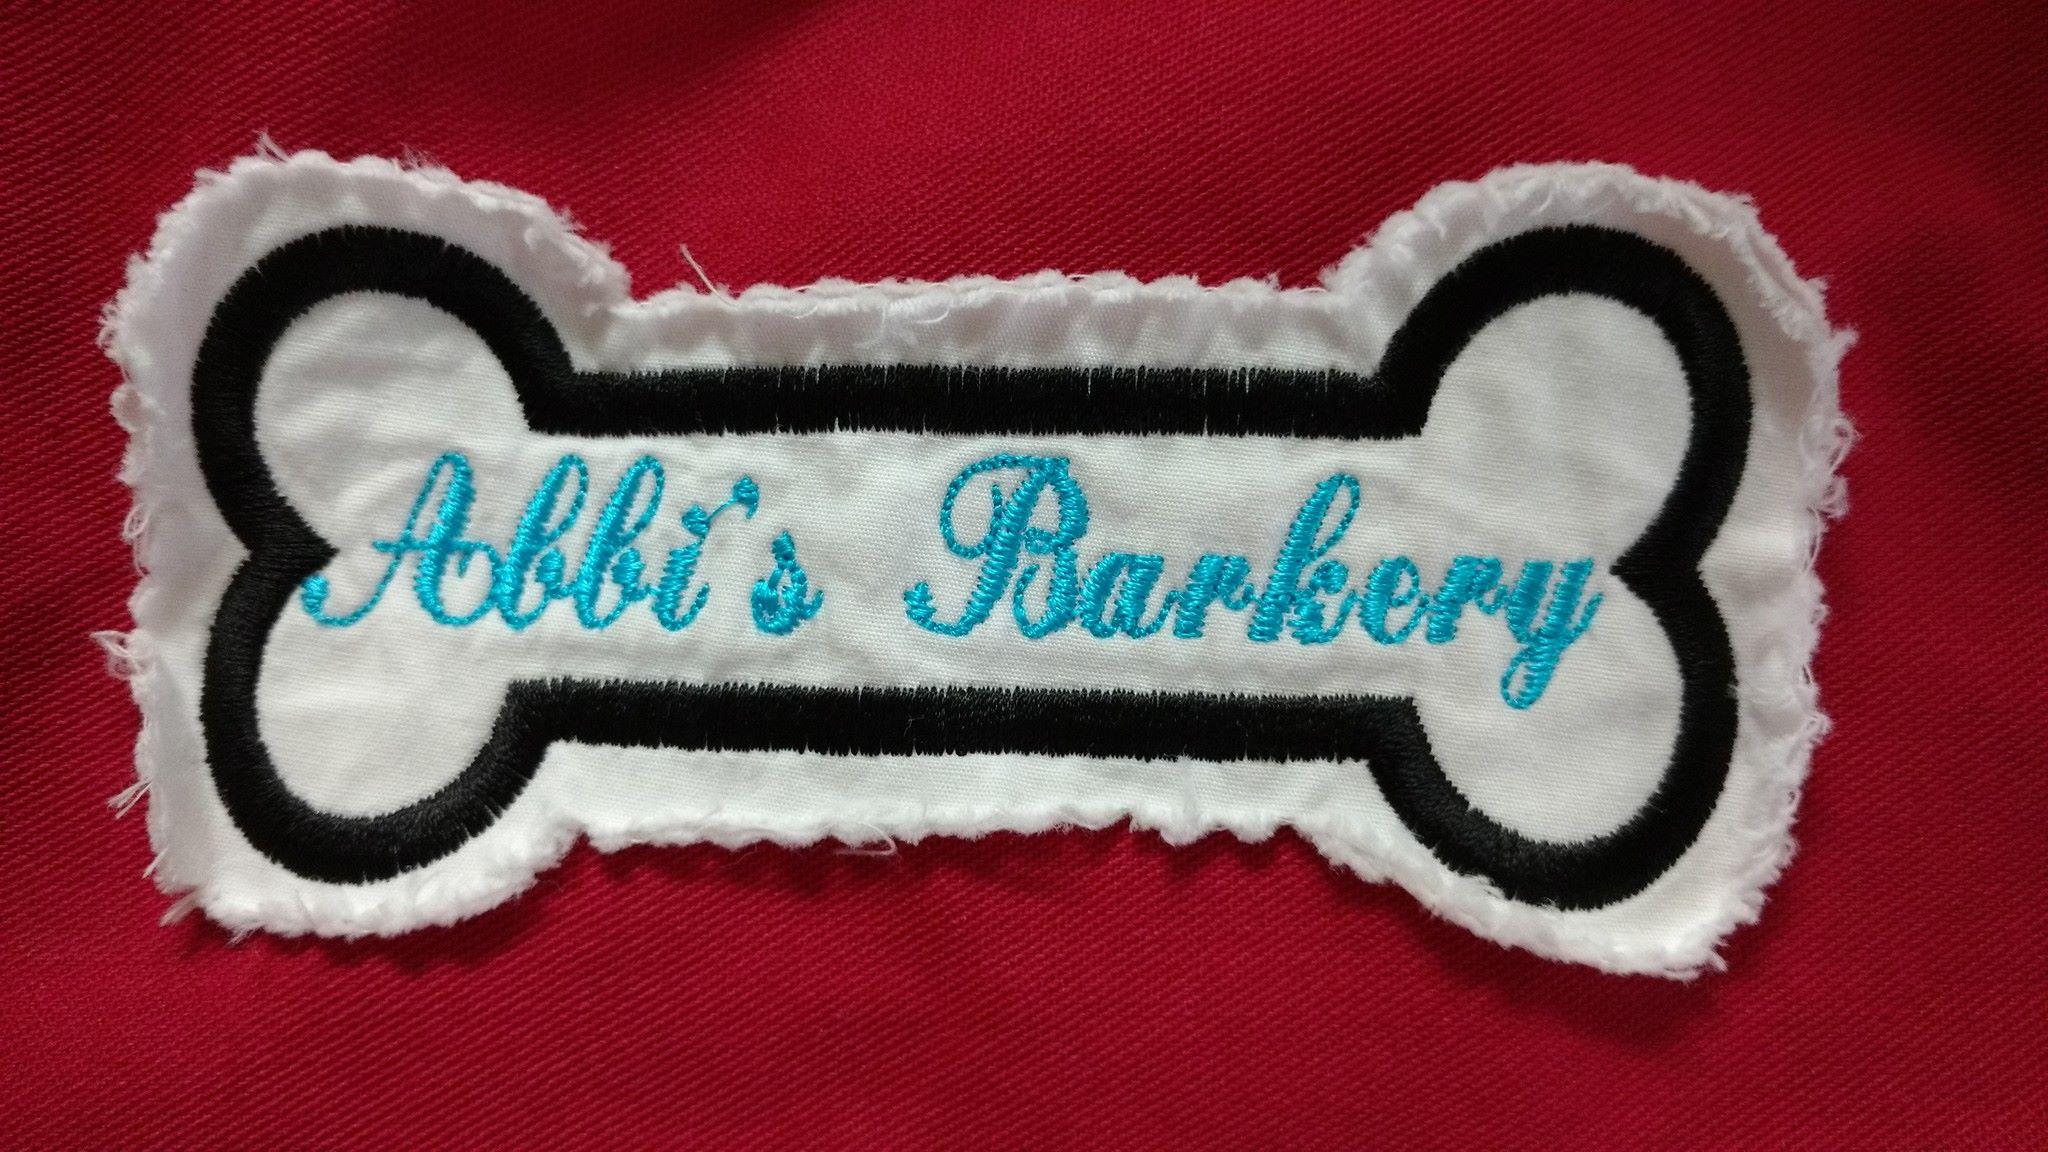 Abbi's Barkery